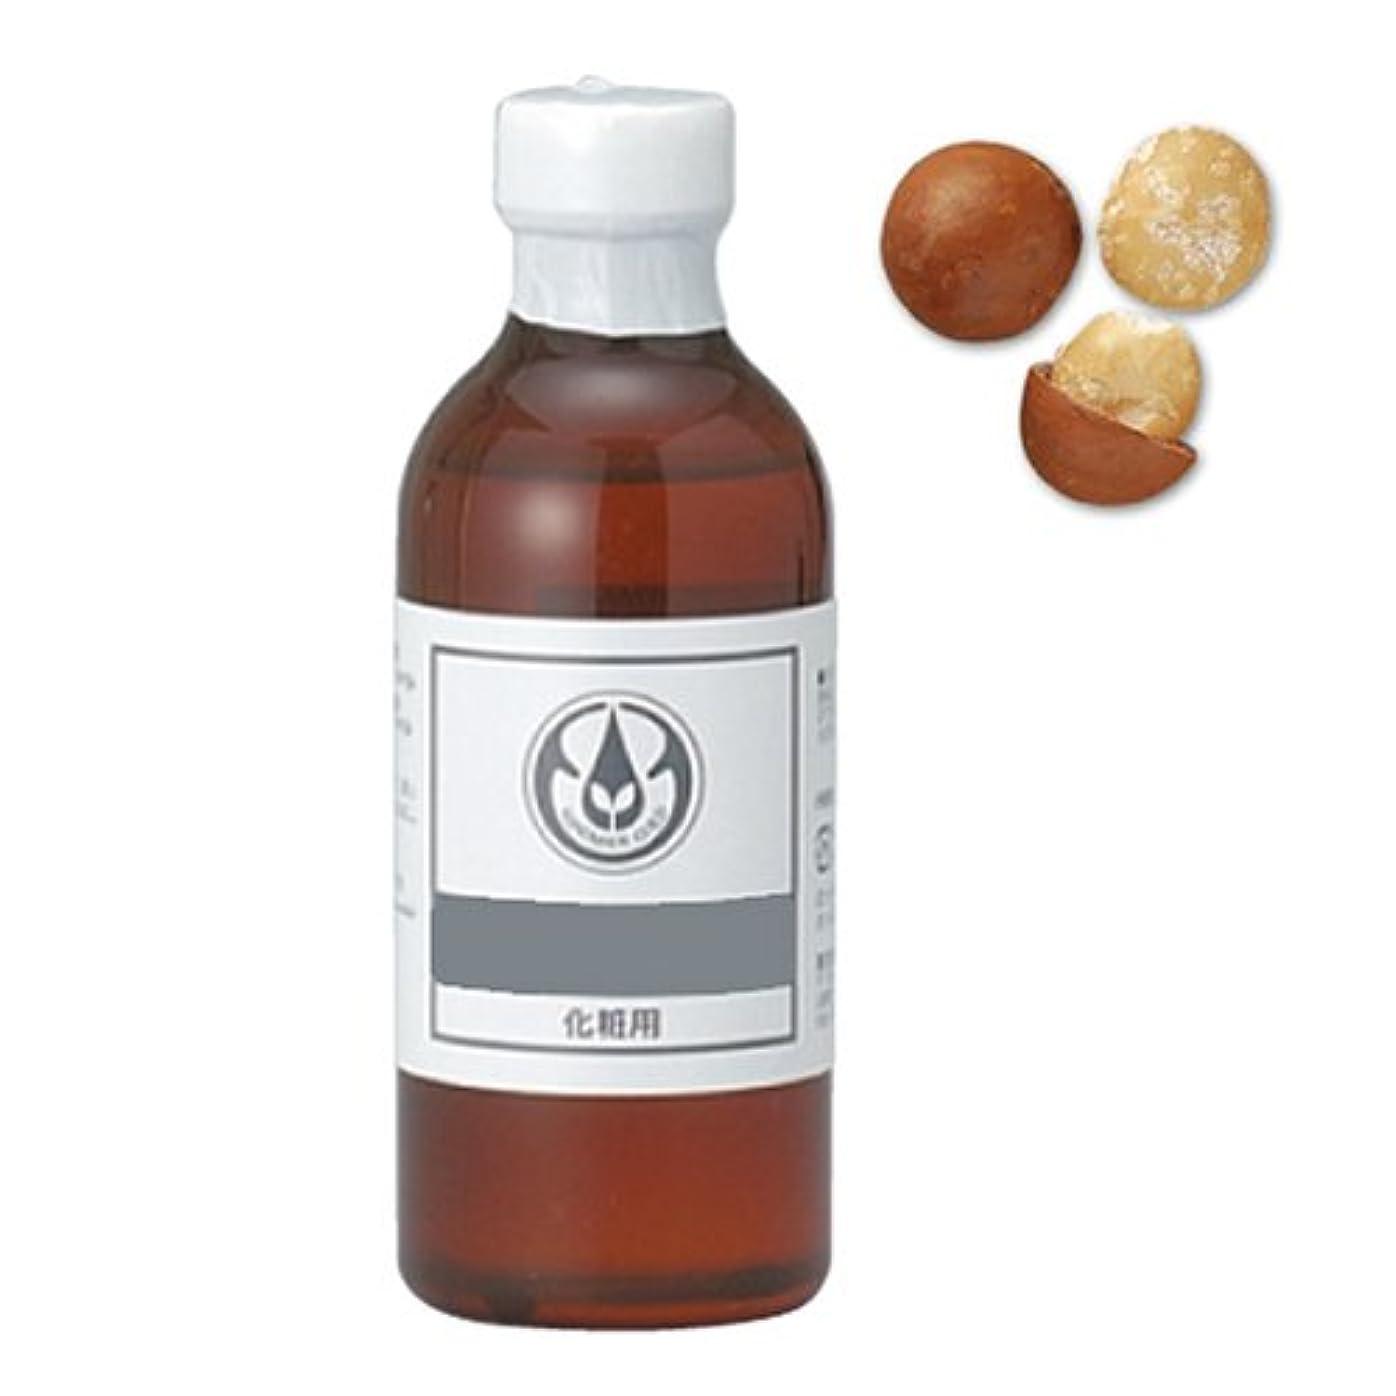 弾性爆発分布生活の木 マカダミア ナッツ油 250ml